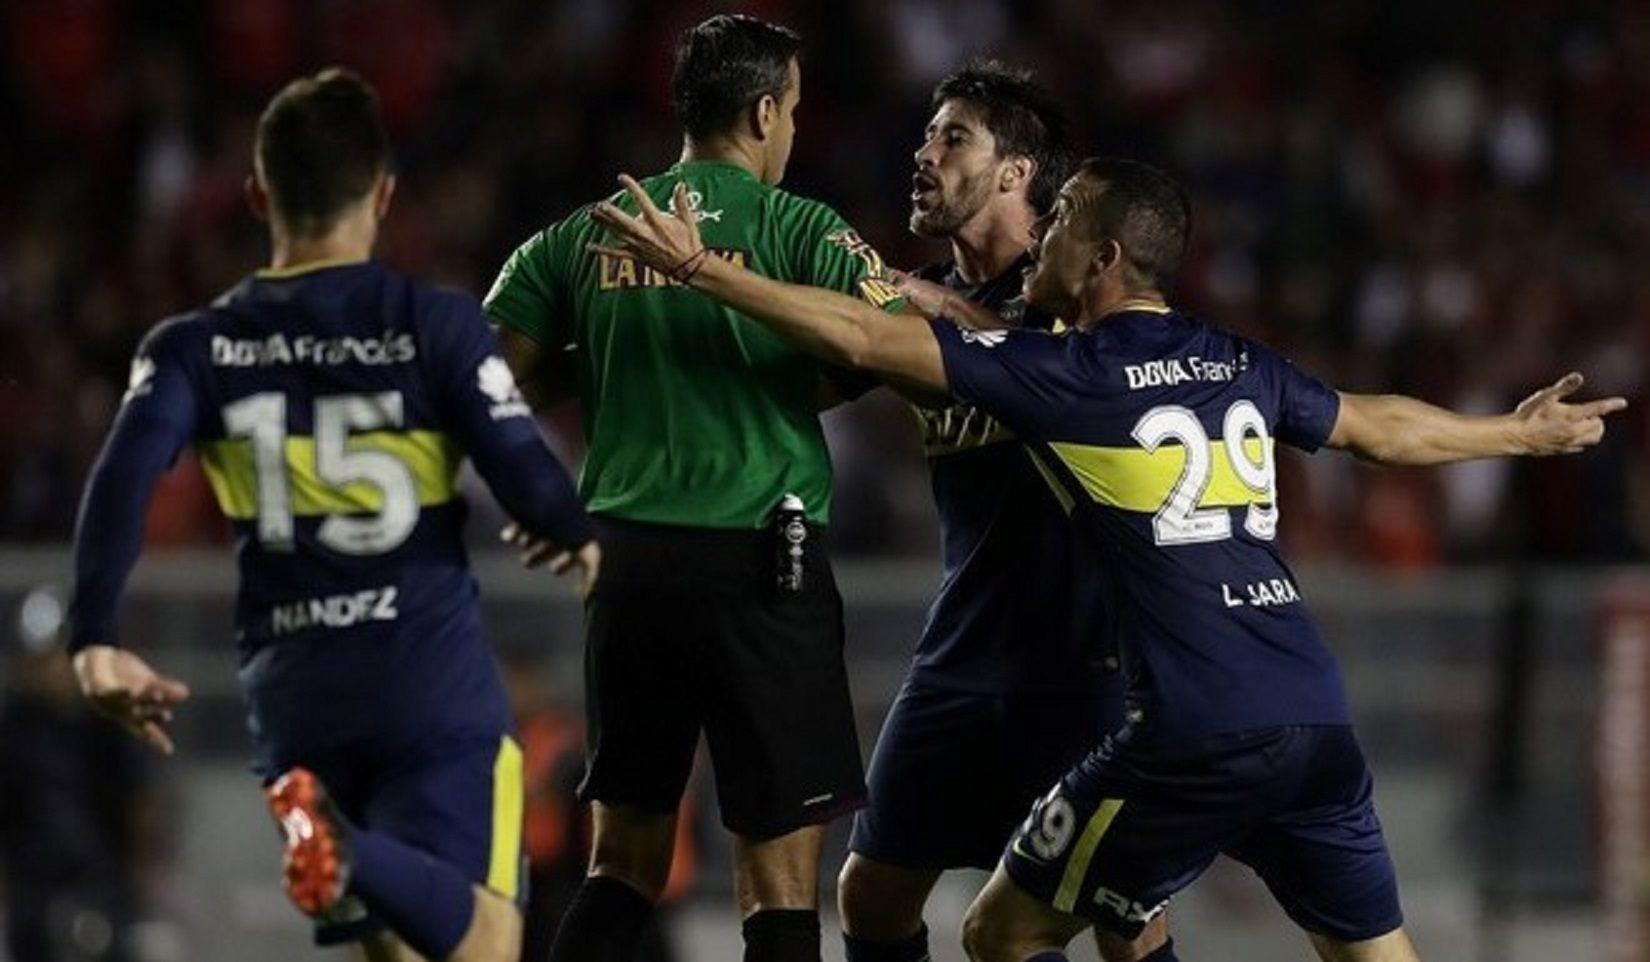 No le dio un penal a Boca y lo mandaron a dirigir al Boca de la B Nacional